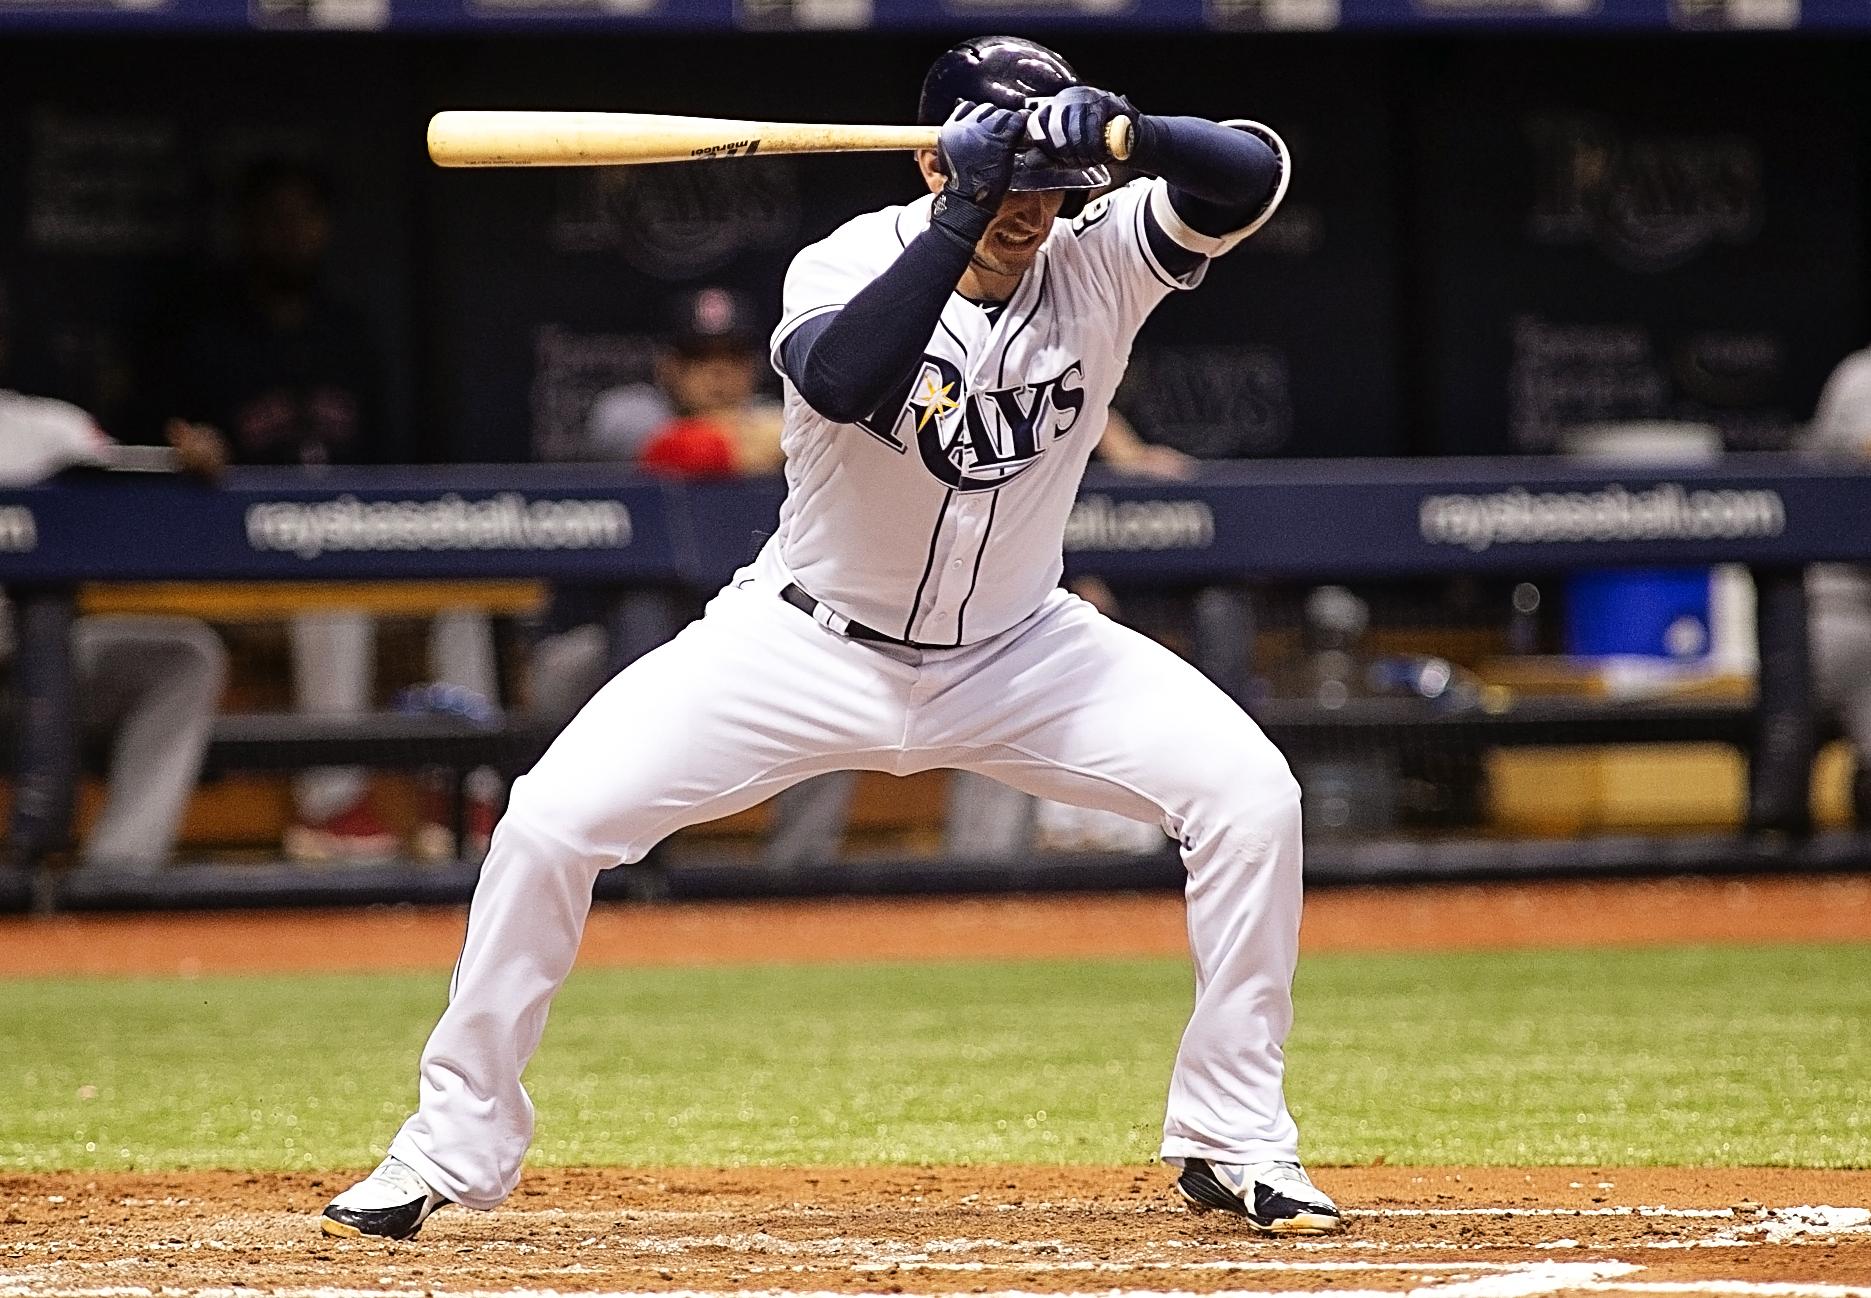 Daniel Robertson was hit by a pitch./CARMEN MANDATO